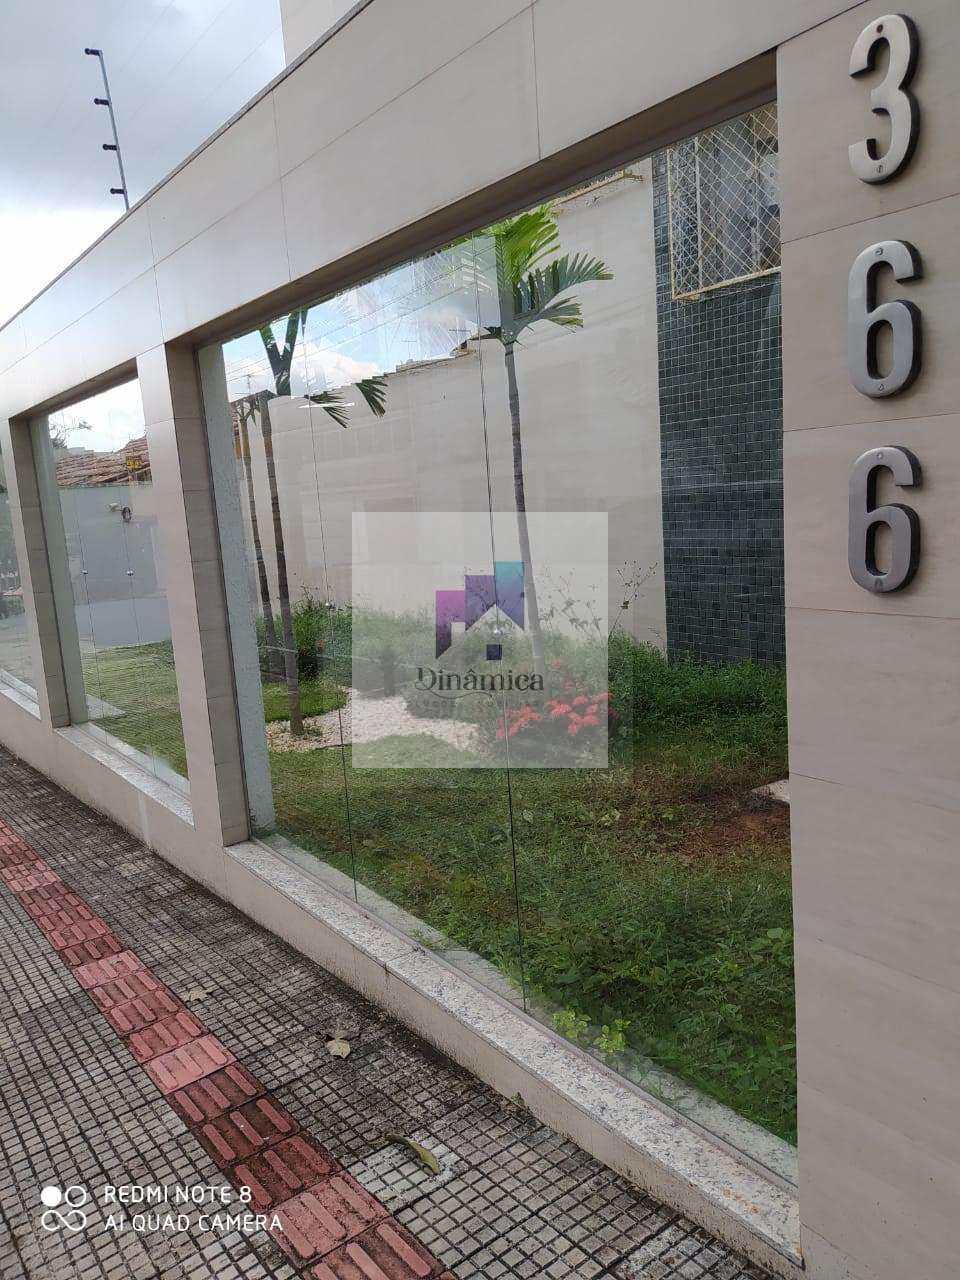 Cobertura em Belo Horizonte bairro Santa Amélia